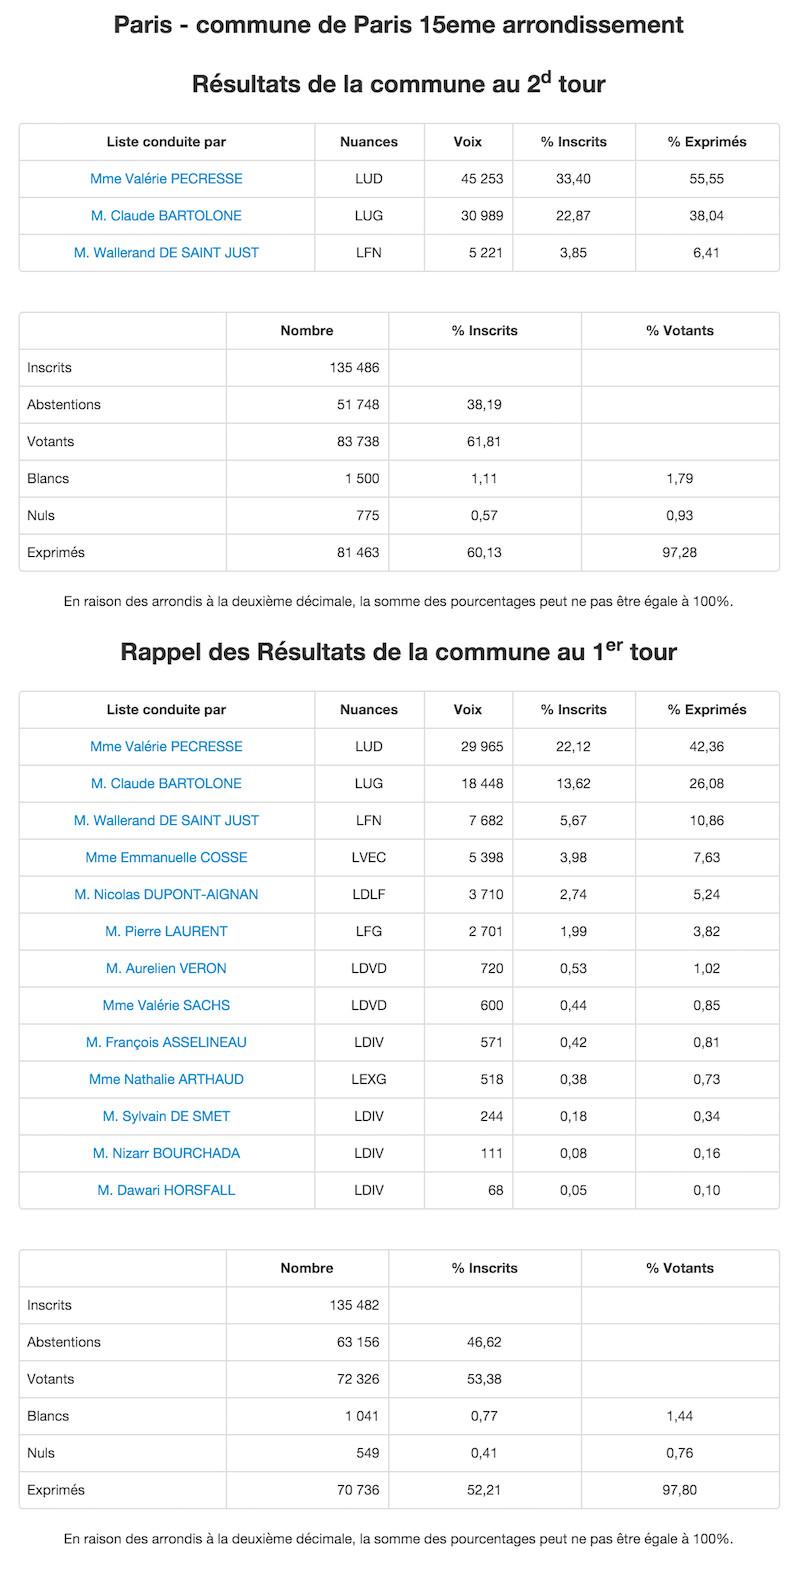 Régionales 2015 - 2nd et 1er tour dans le 15e arrondissement © Ministère de l'Intérieur